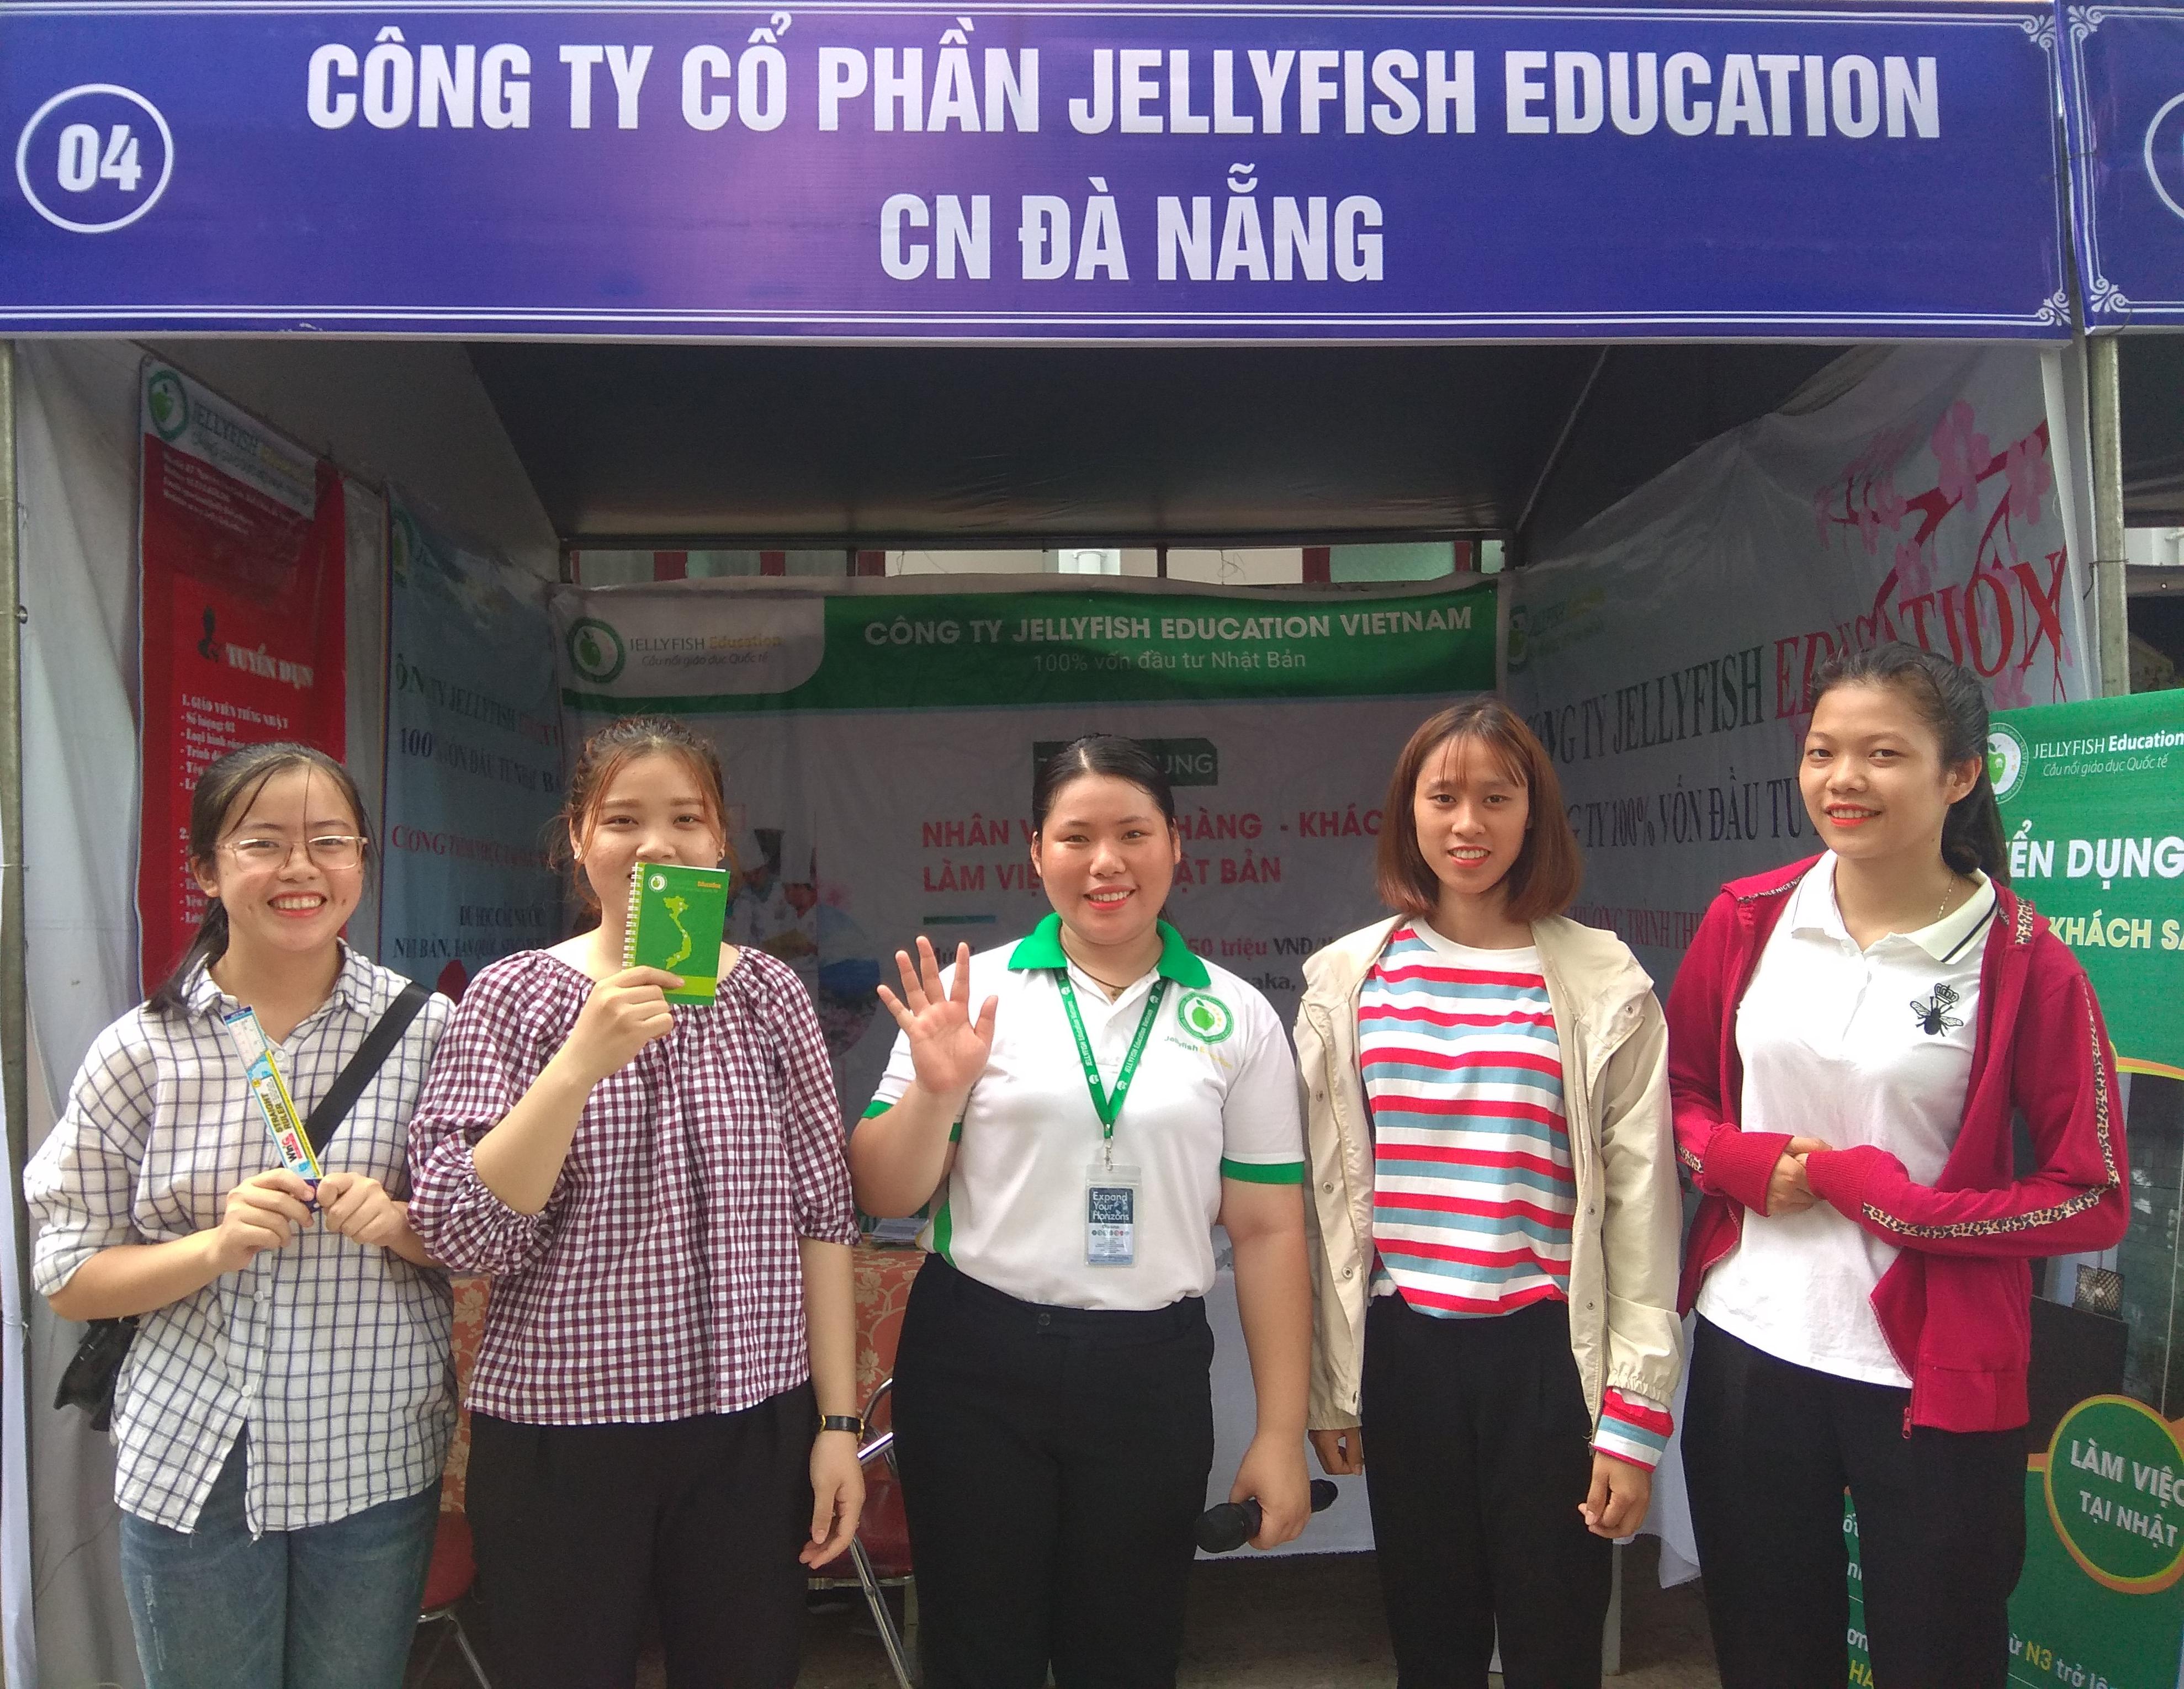 Jellyfish mang đến cho các bạn sinh viên rất nhiều trò chơi cùng những phần quà hấp dẫn như: mũ bảo hiểm, áo mưa, bookmark, voucher, bút bi, sổ tay, móc khóa,… - Ảnh 4